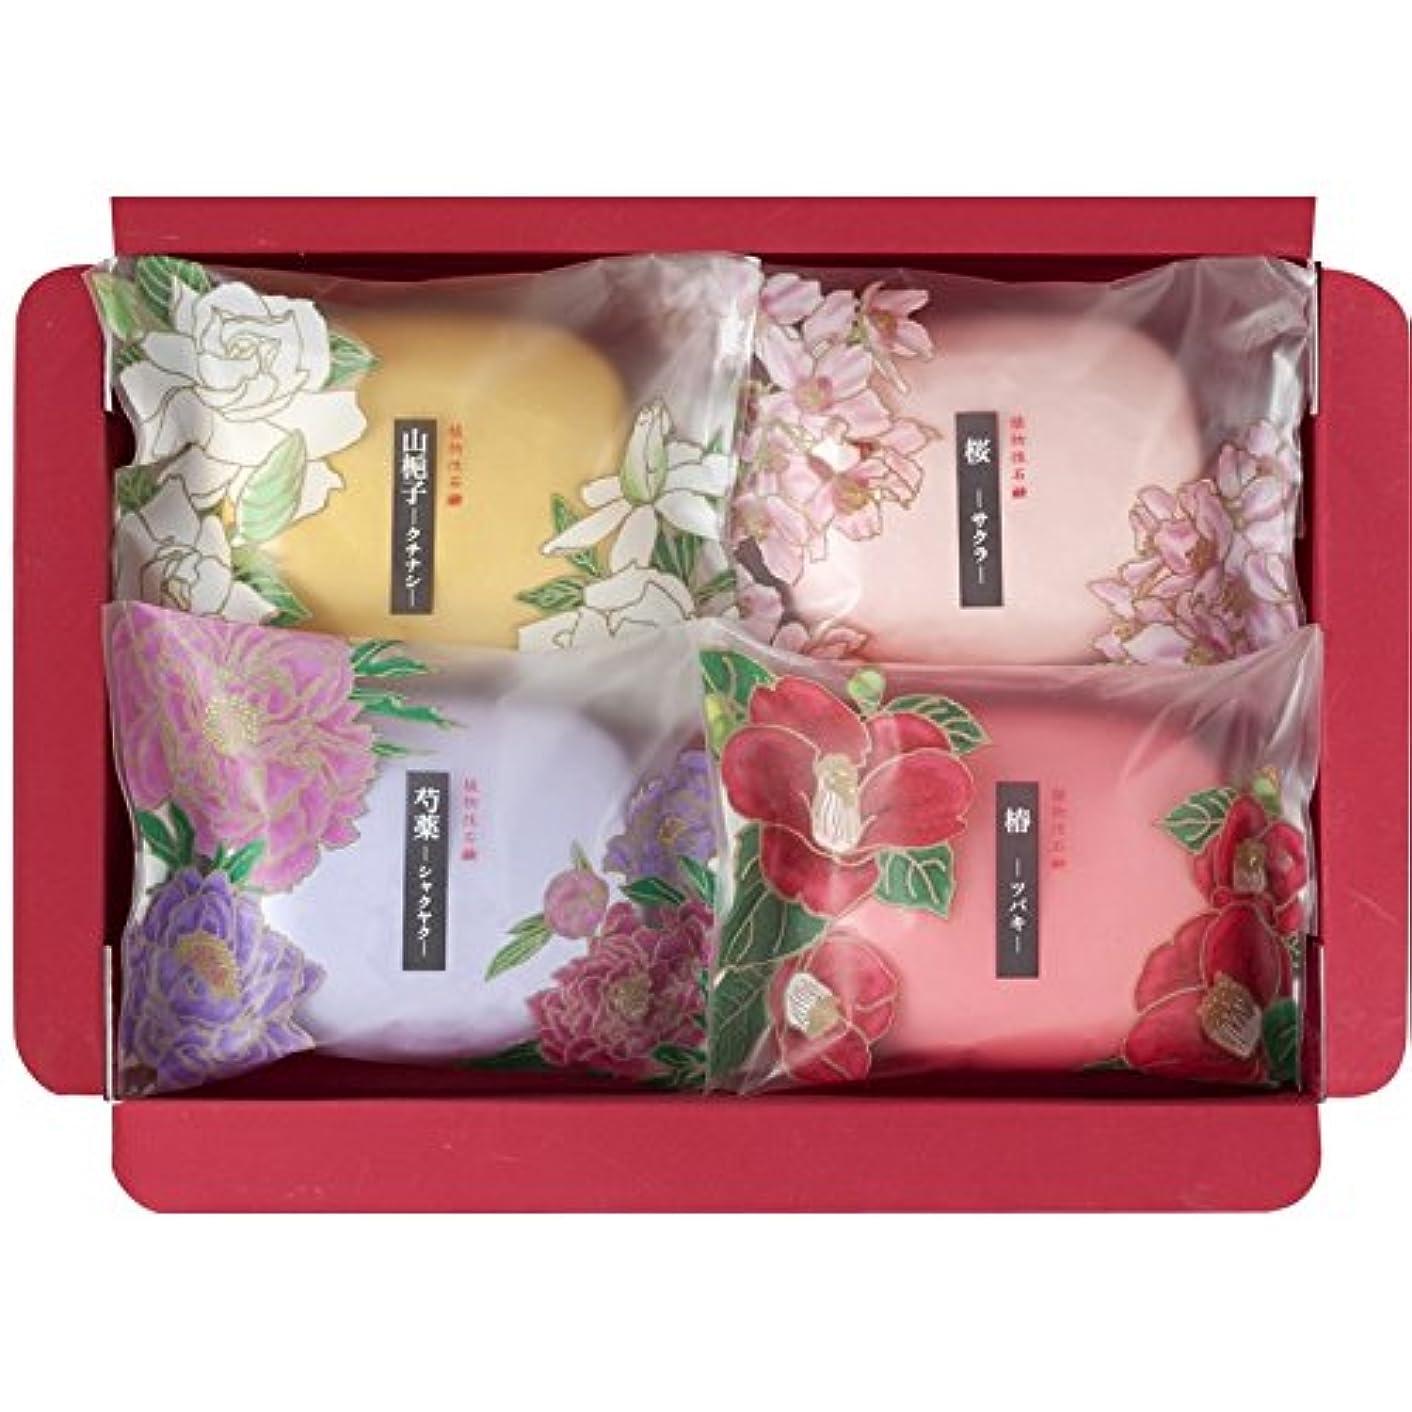 不完全なホラー十億彩花だより SAK-05 【石けん 石鹸 うるおい いい香り 固形 詰め合わせ セット 良い香り 美容 個包装 肌に優しい 日本製】